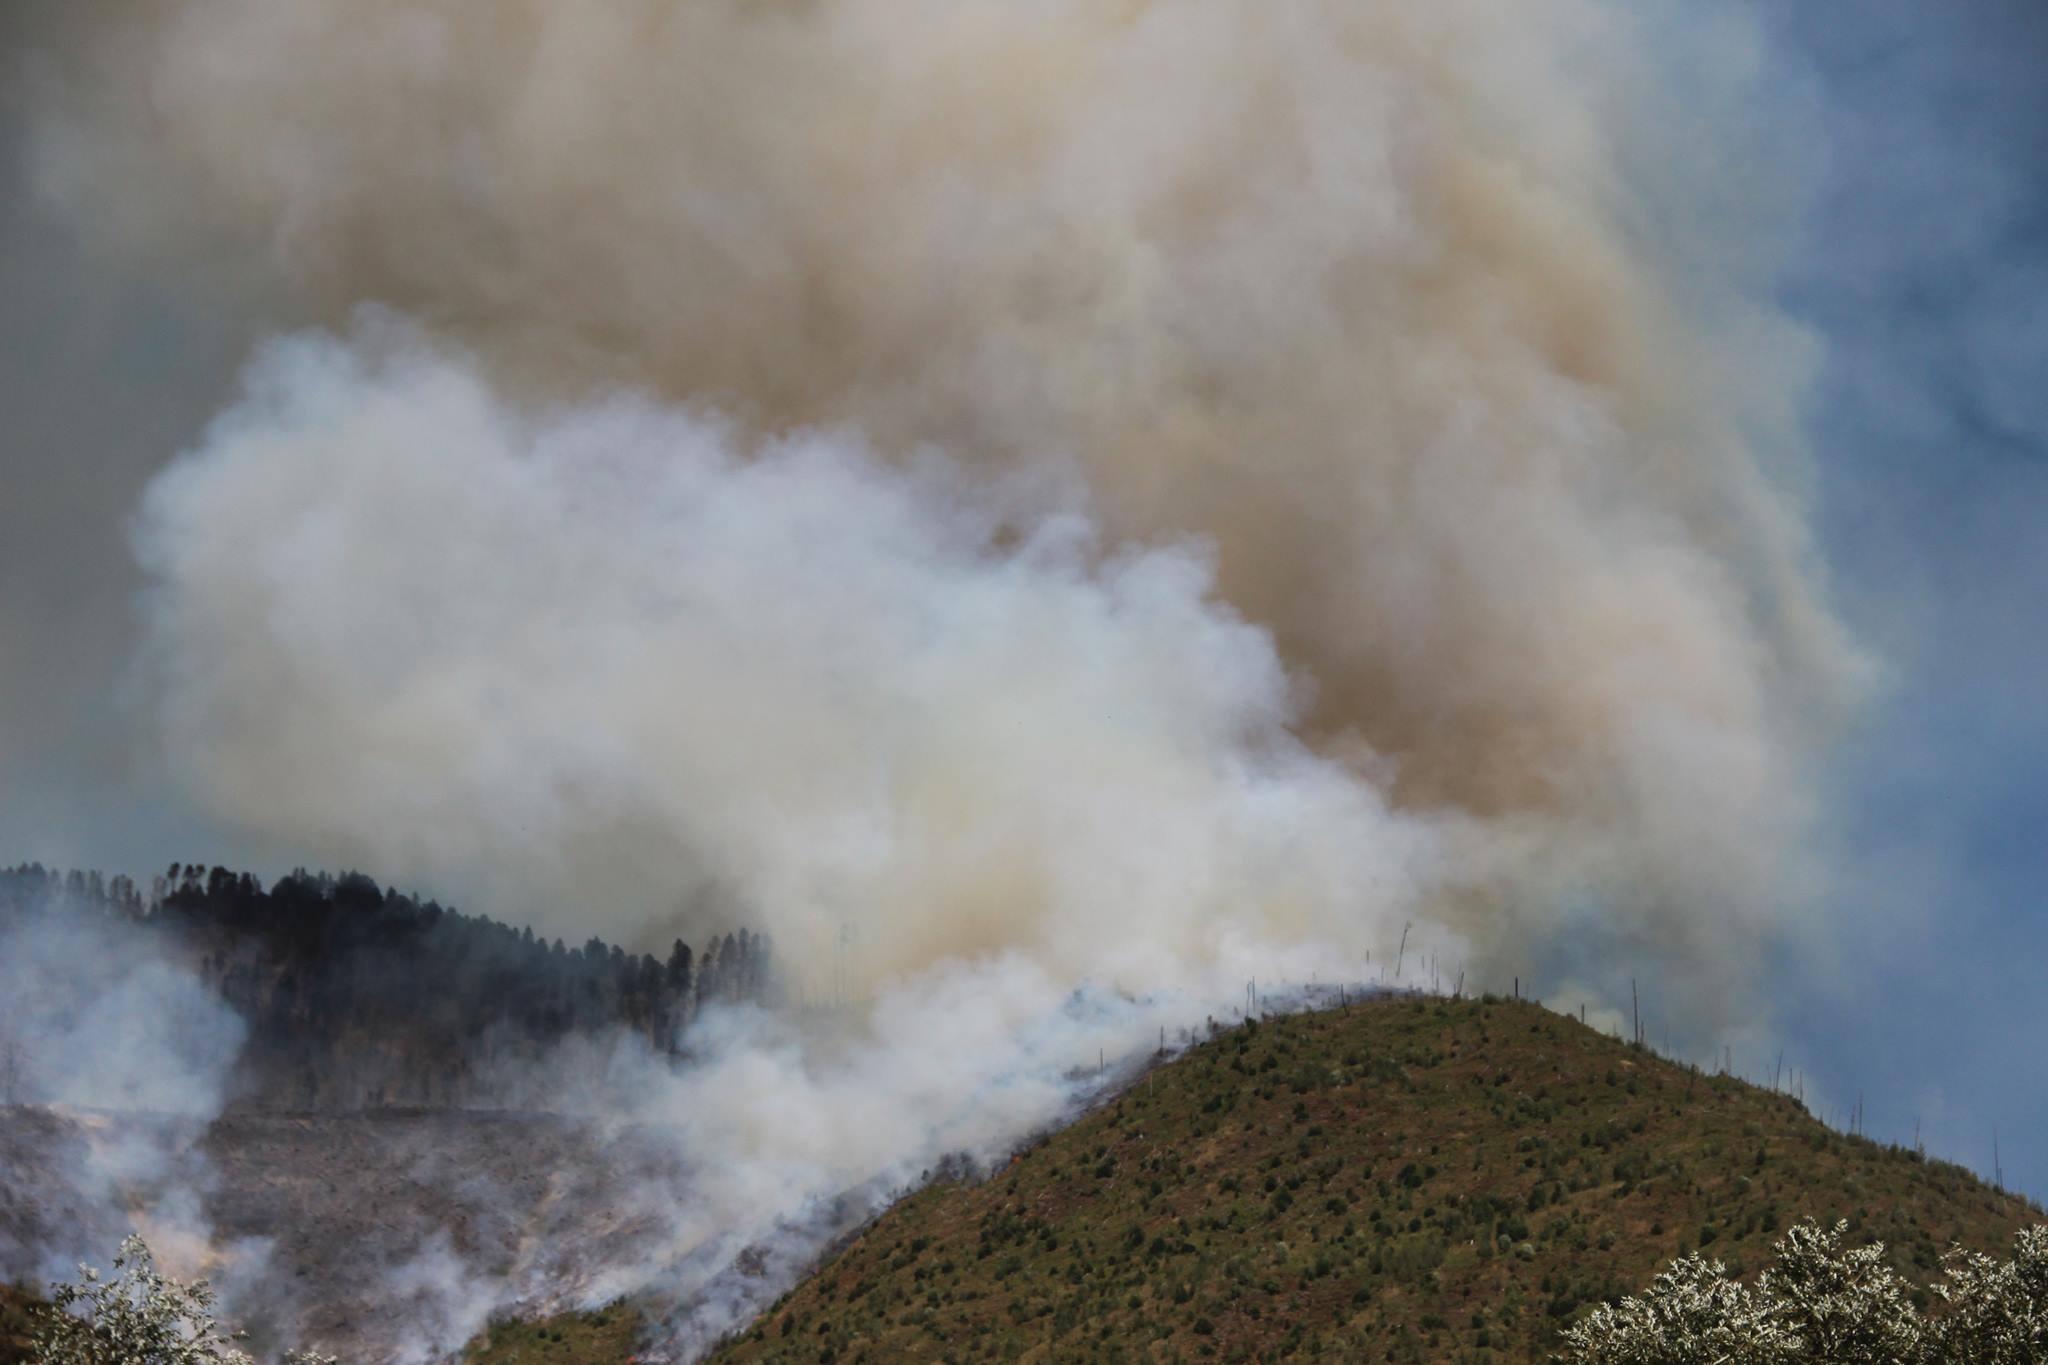 20934967 1483222951734670 4429181243014986970 o #новости featured, Боржоми-Харагаульский парк, боржомский лес, вертолеты, Грузия, пожар, помощь